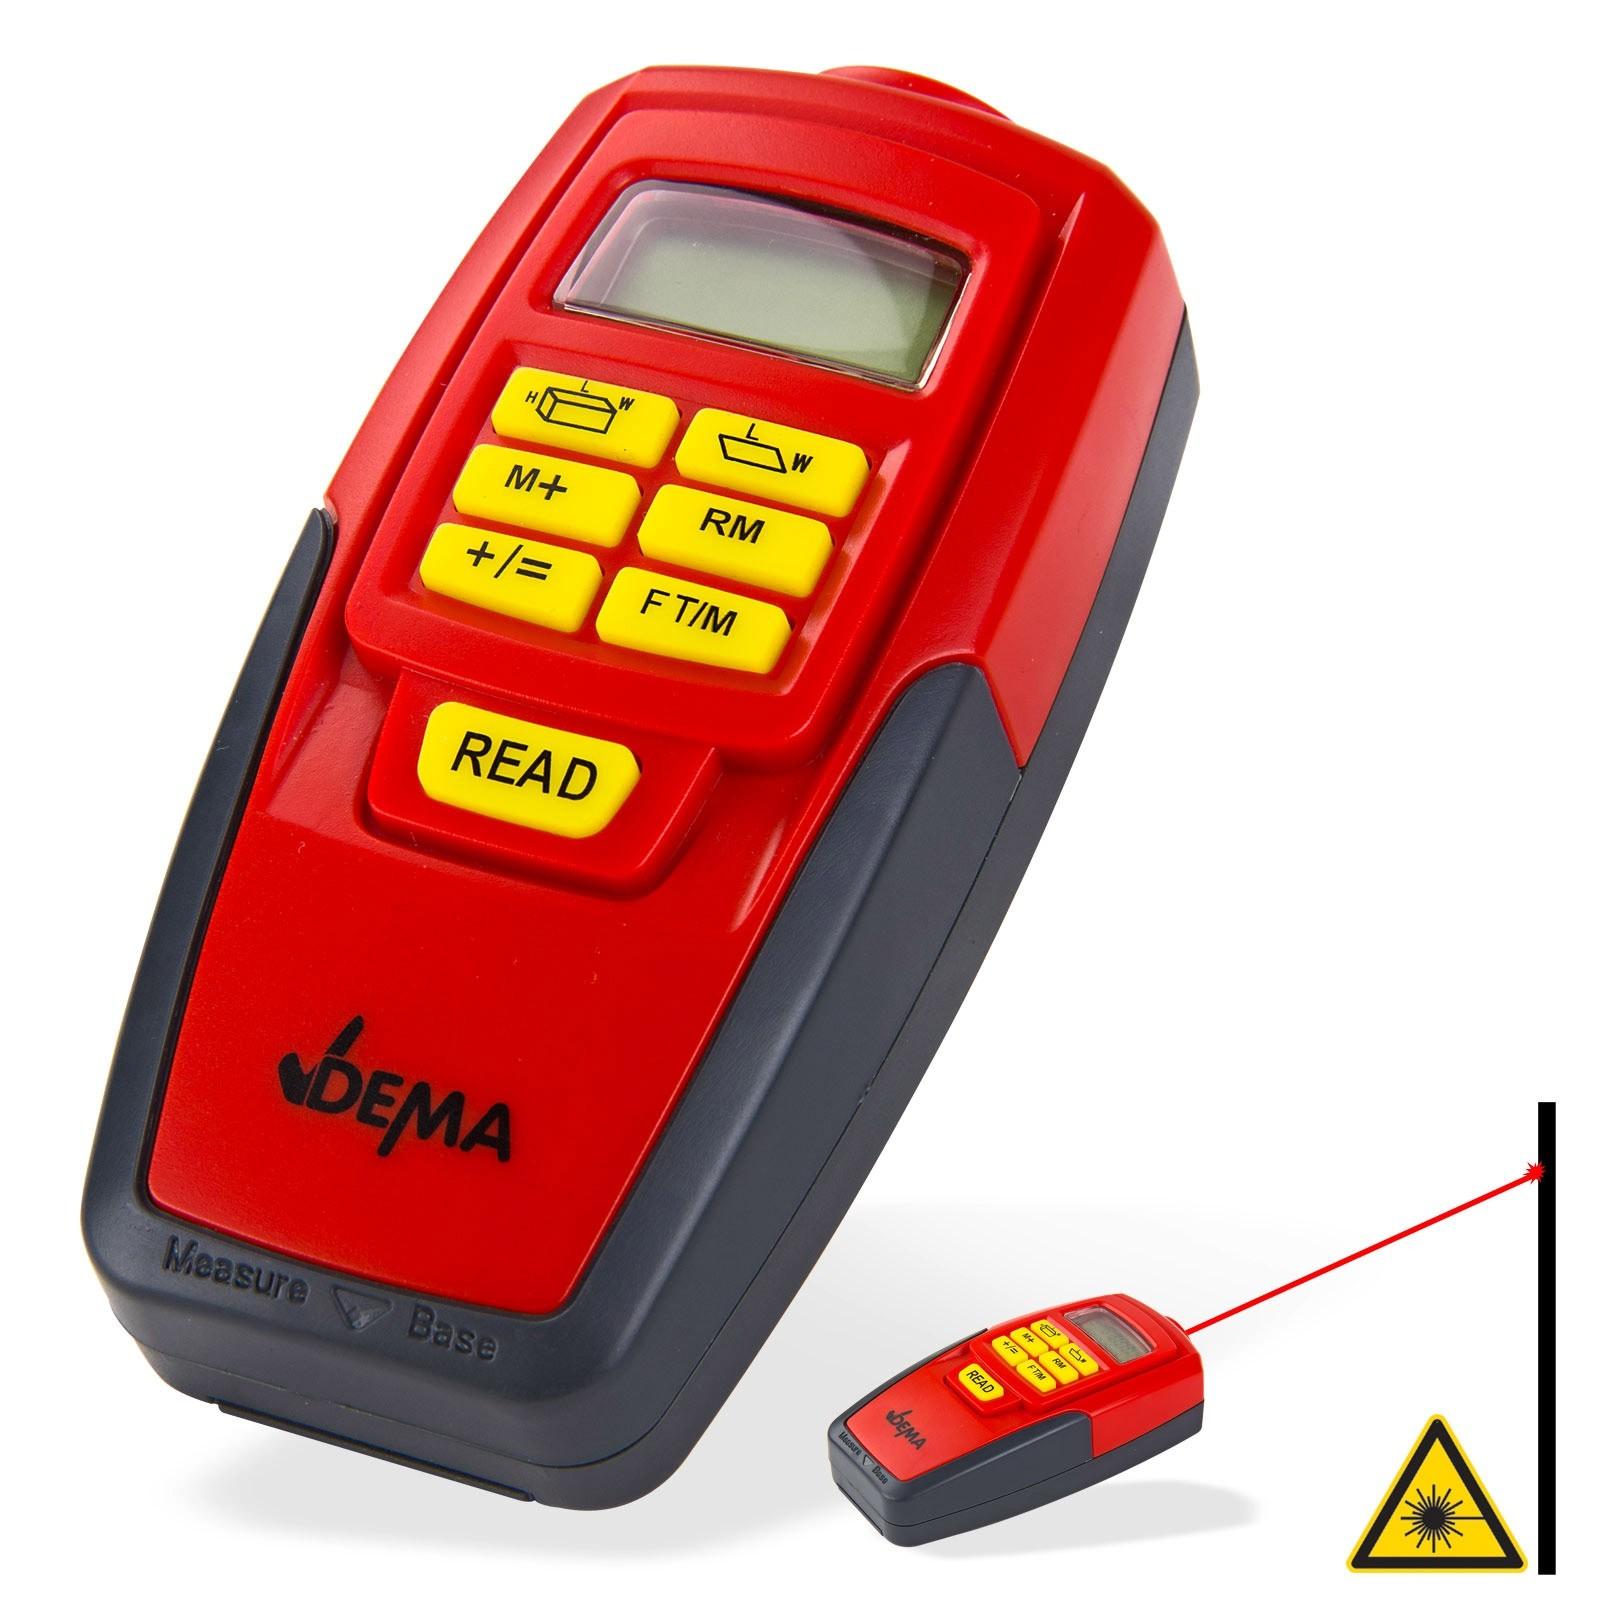 Dema 3 in1 Ultraschall Messgerät Ultraschallmessgerät Entfernungsmesser MG-100D 94222